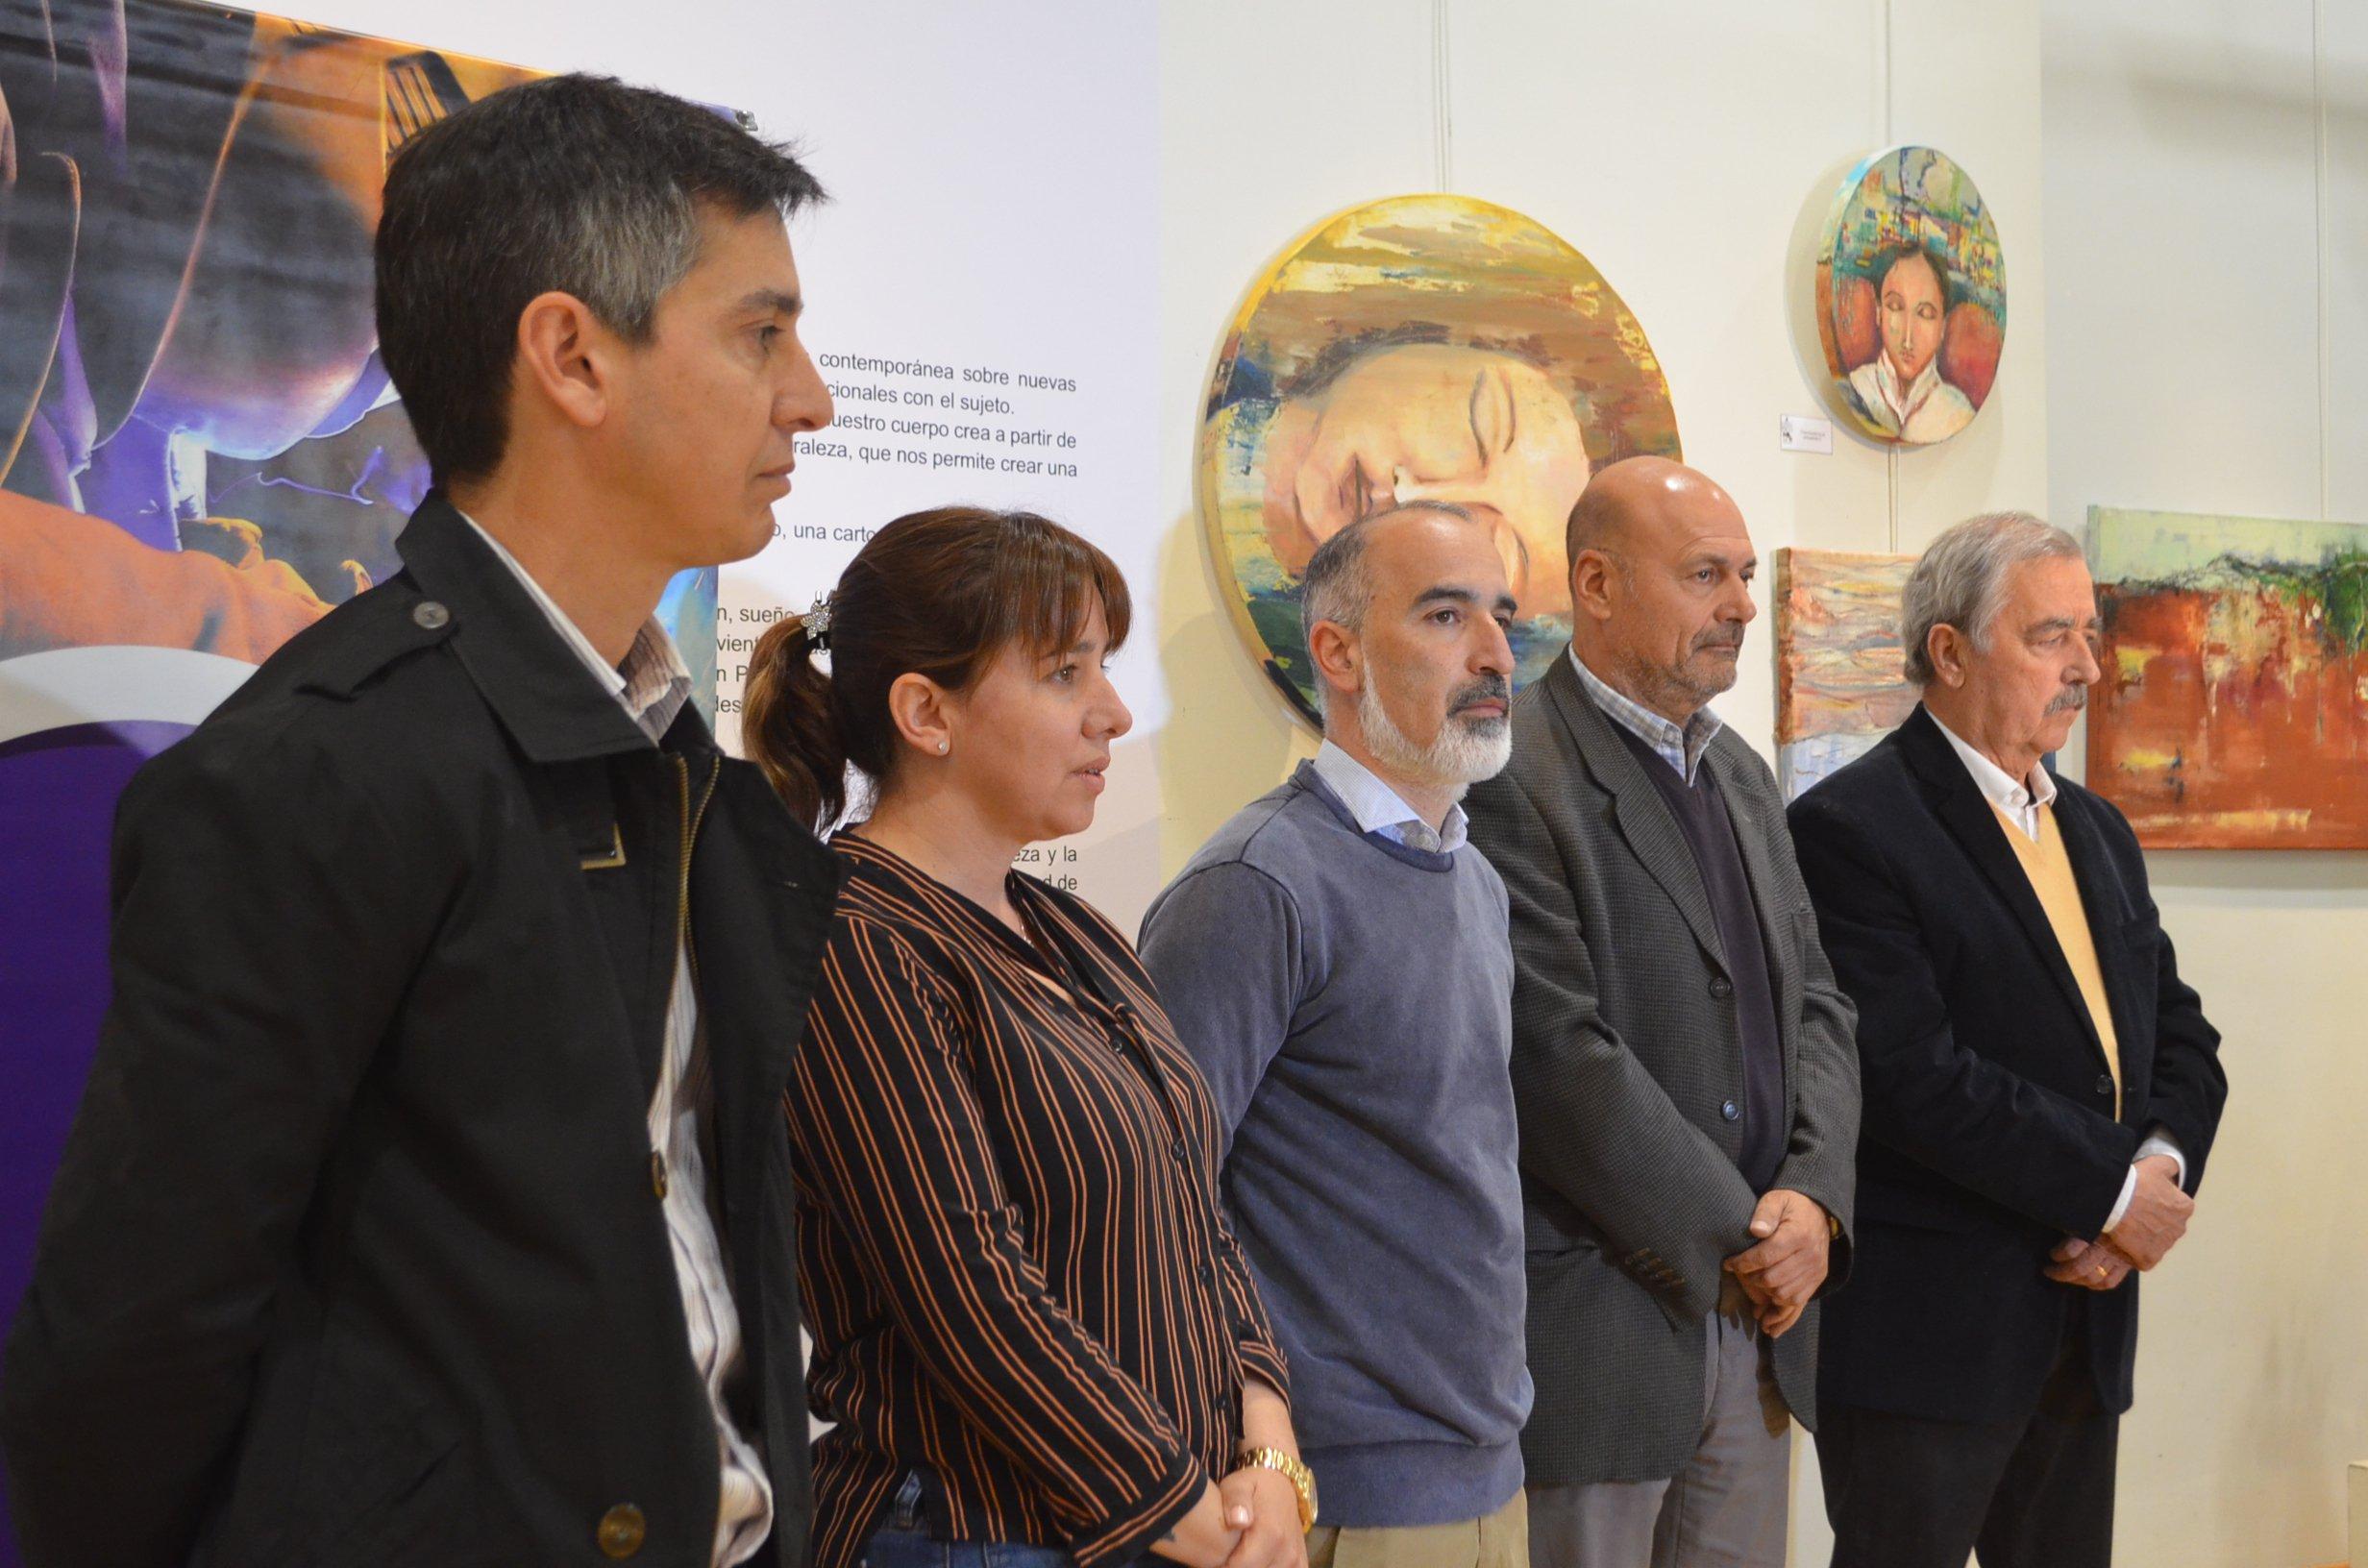 Mirá quiénes fueron los 11 beneficiarios de los microcréditos entregados el día martes en el Municipio local